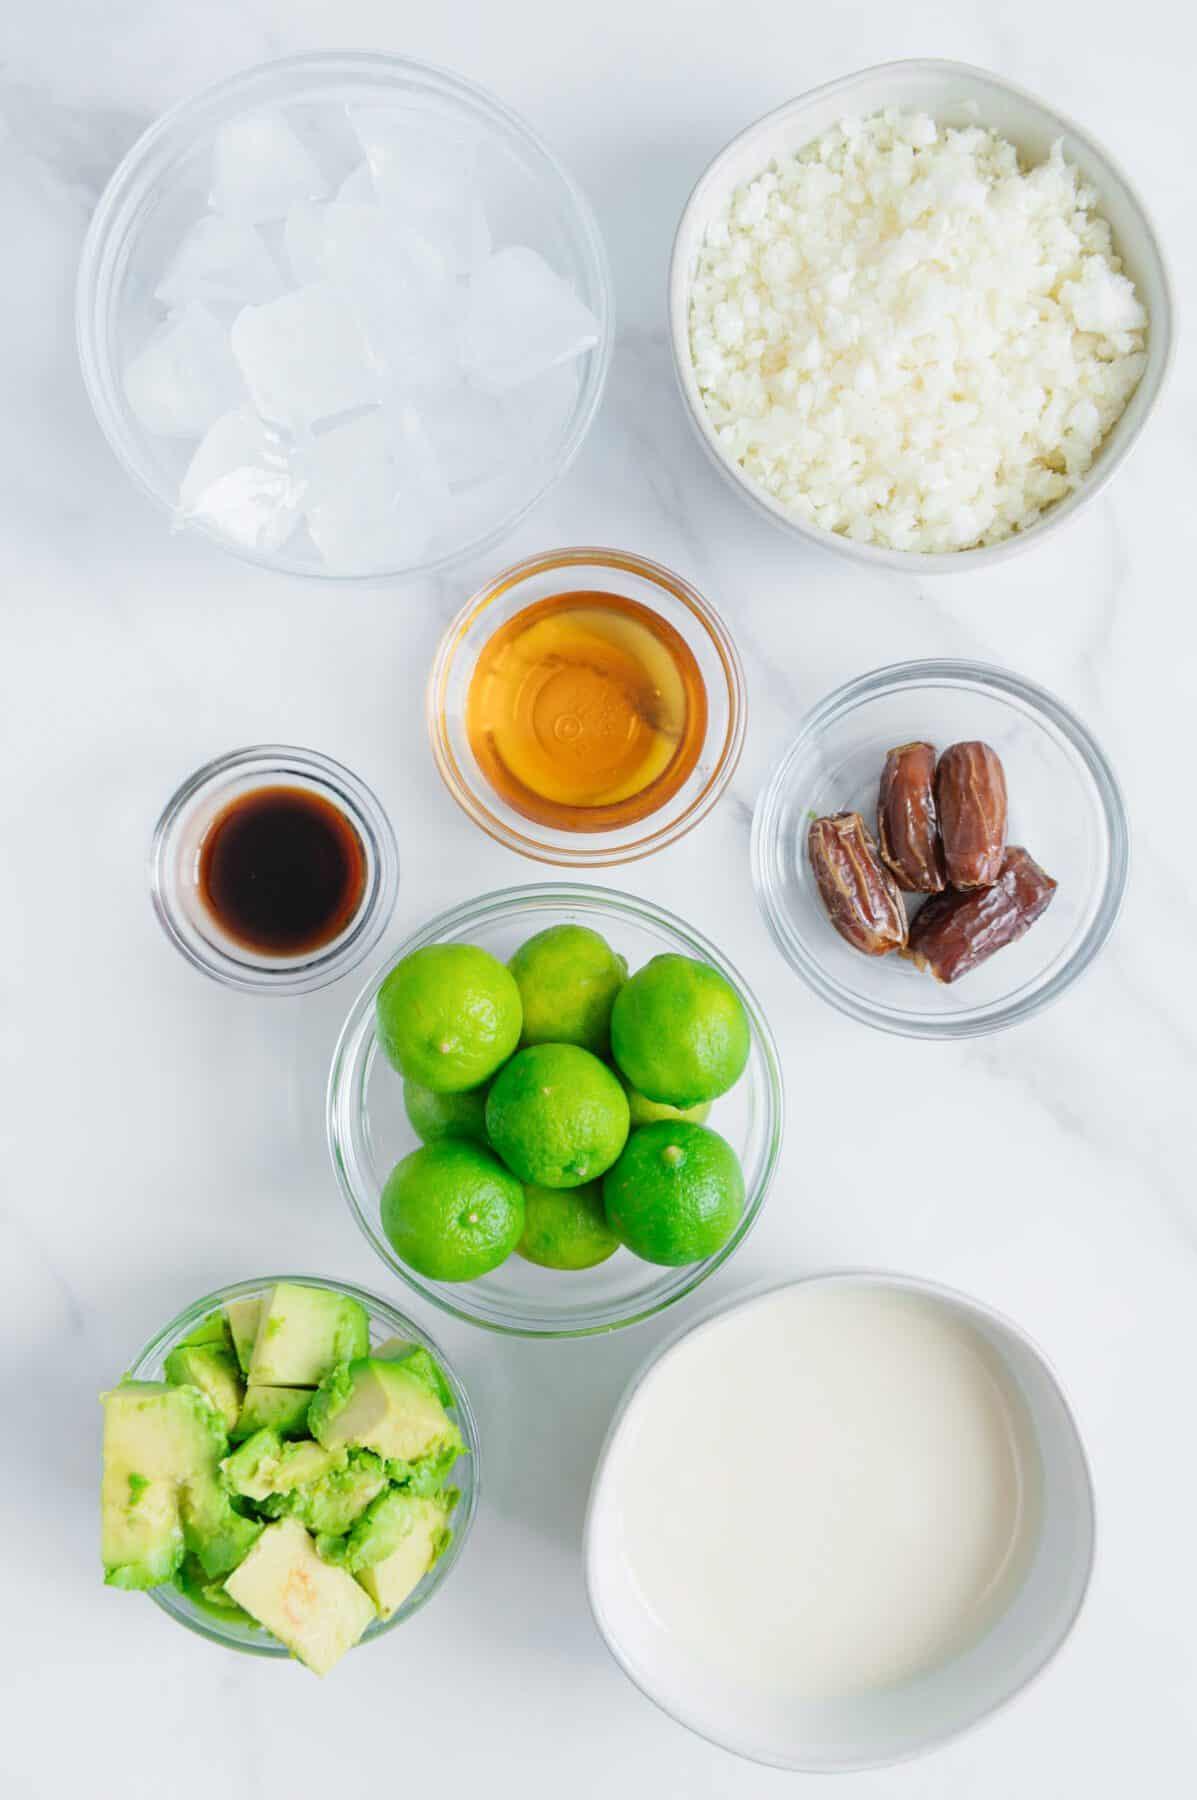 Key Lime Pie Smoothie Ingredients